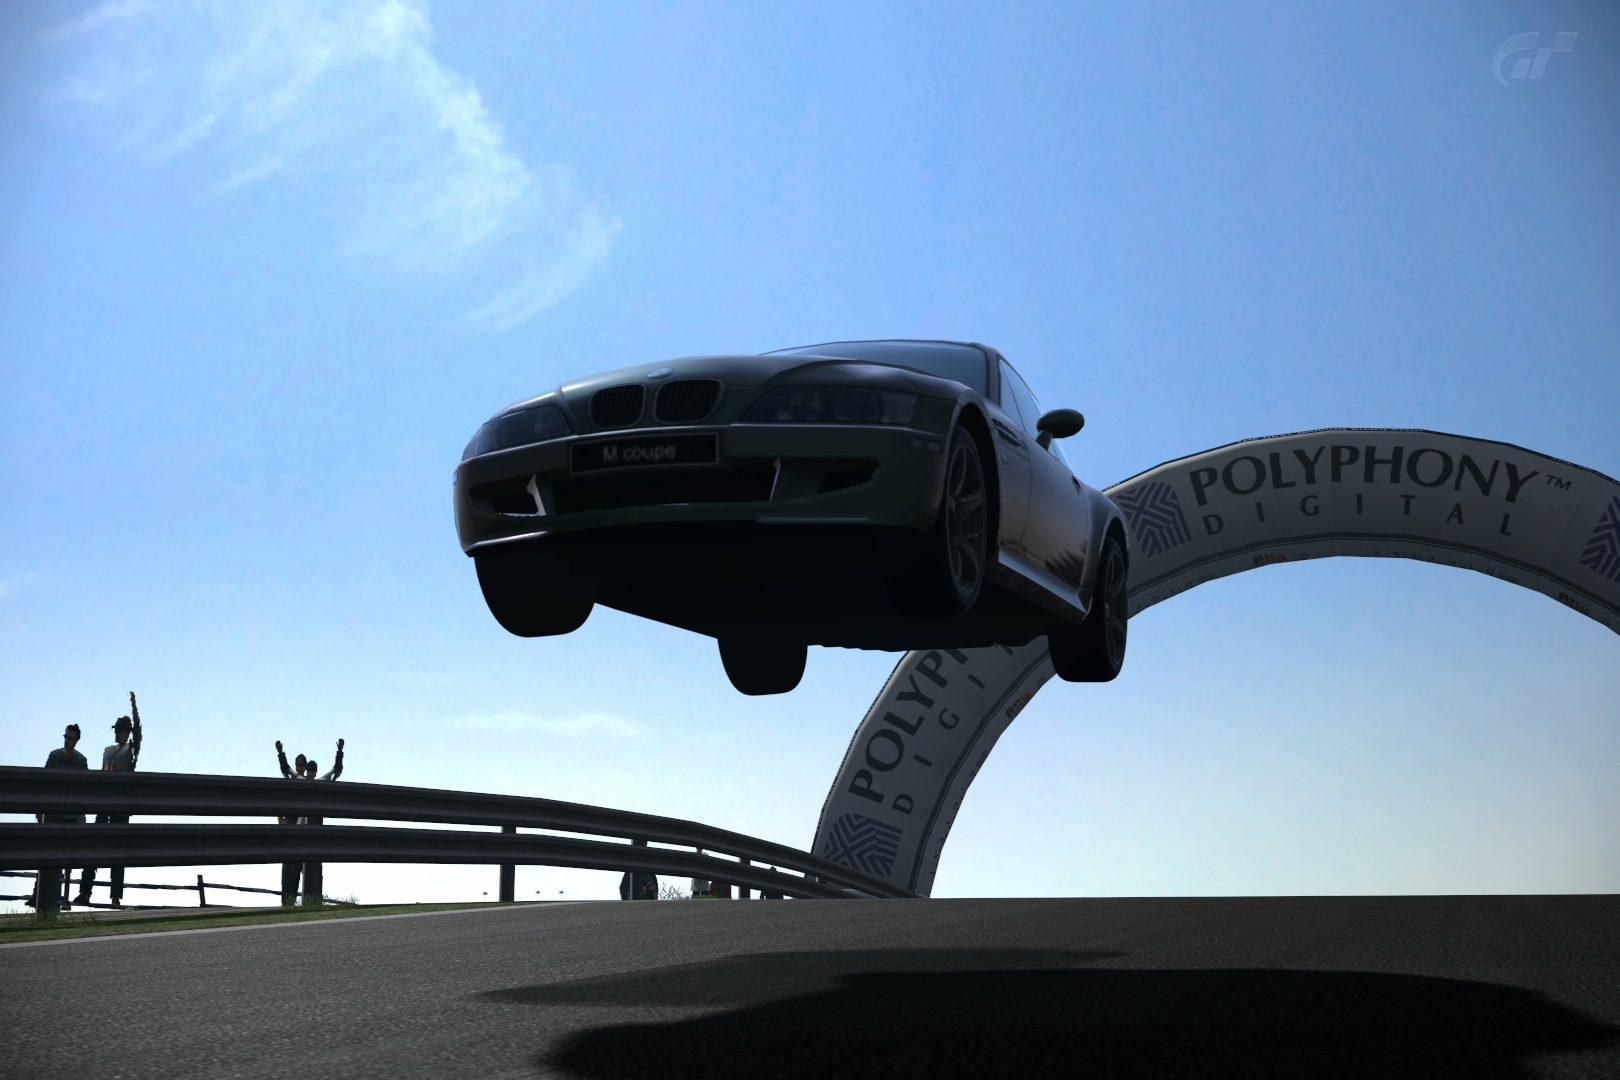 BMWMCoupeImg2.jpg